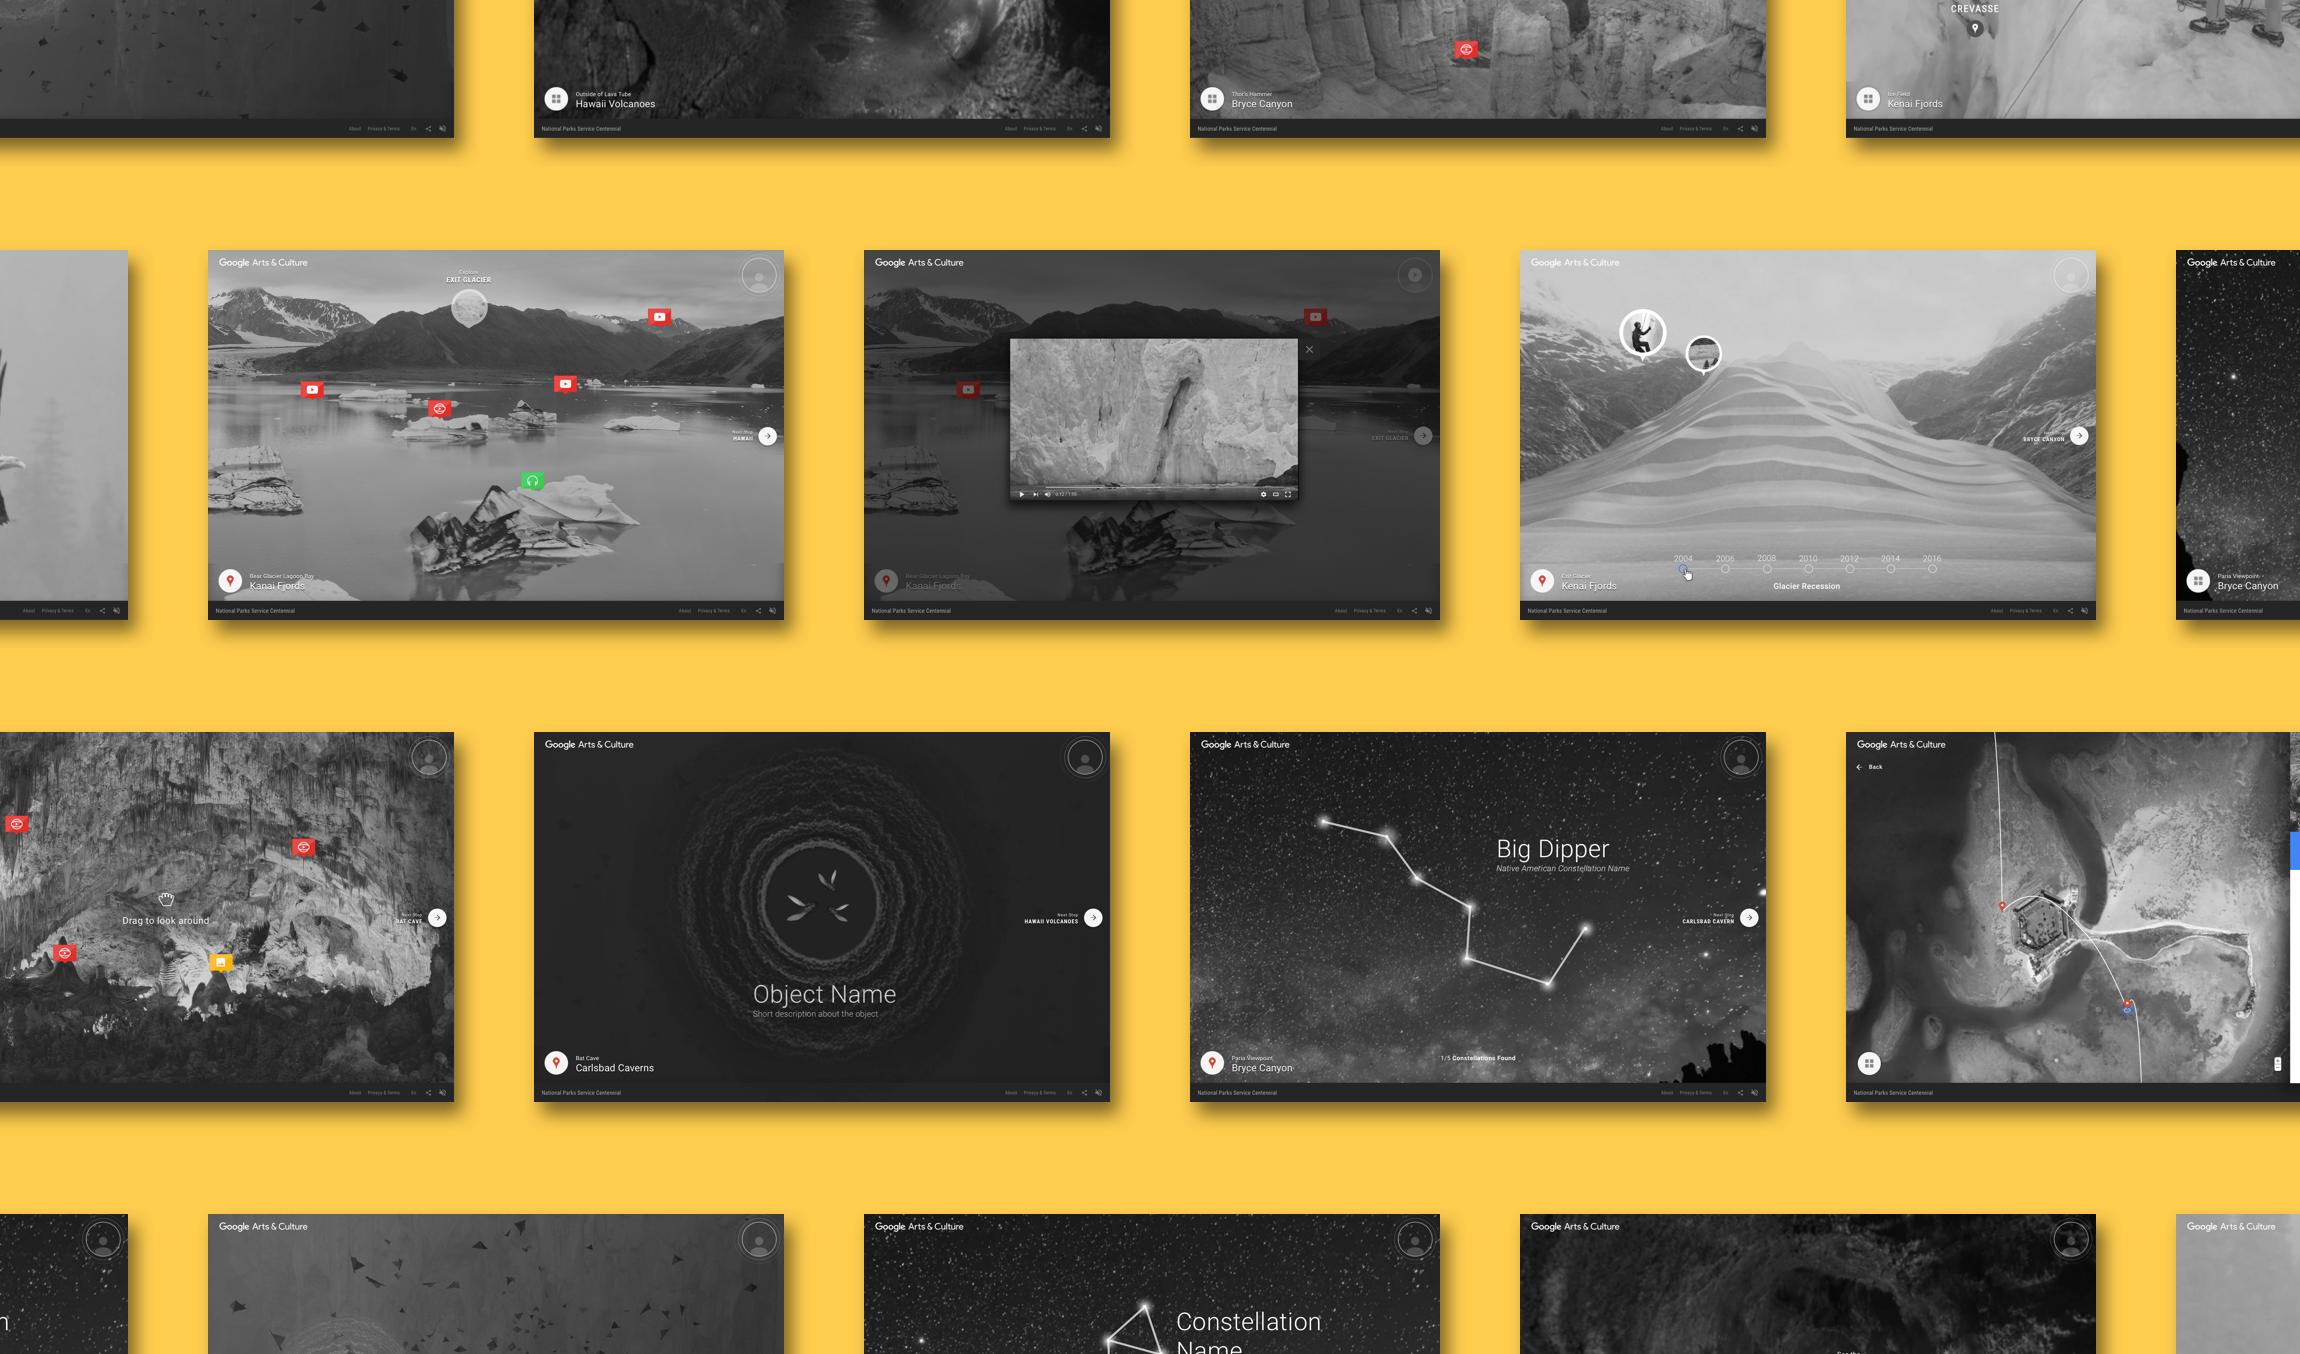 lizvwells-casestudy-hiddenworldsofthenationalparks-desktopwires